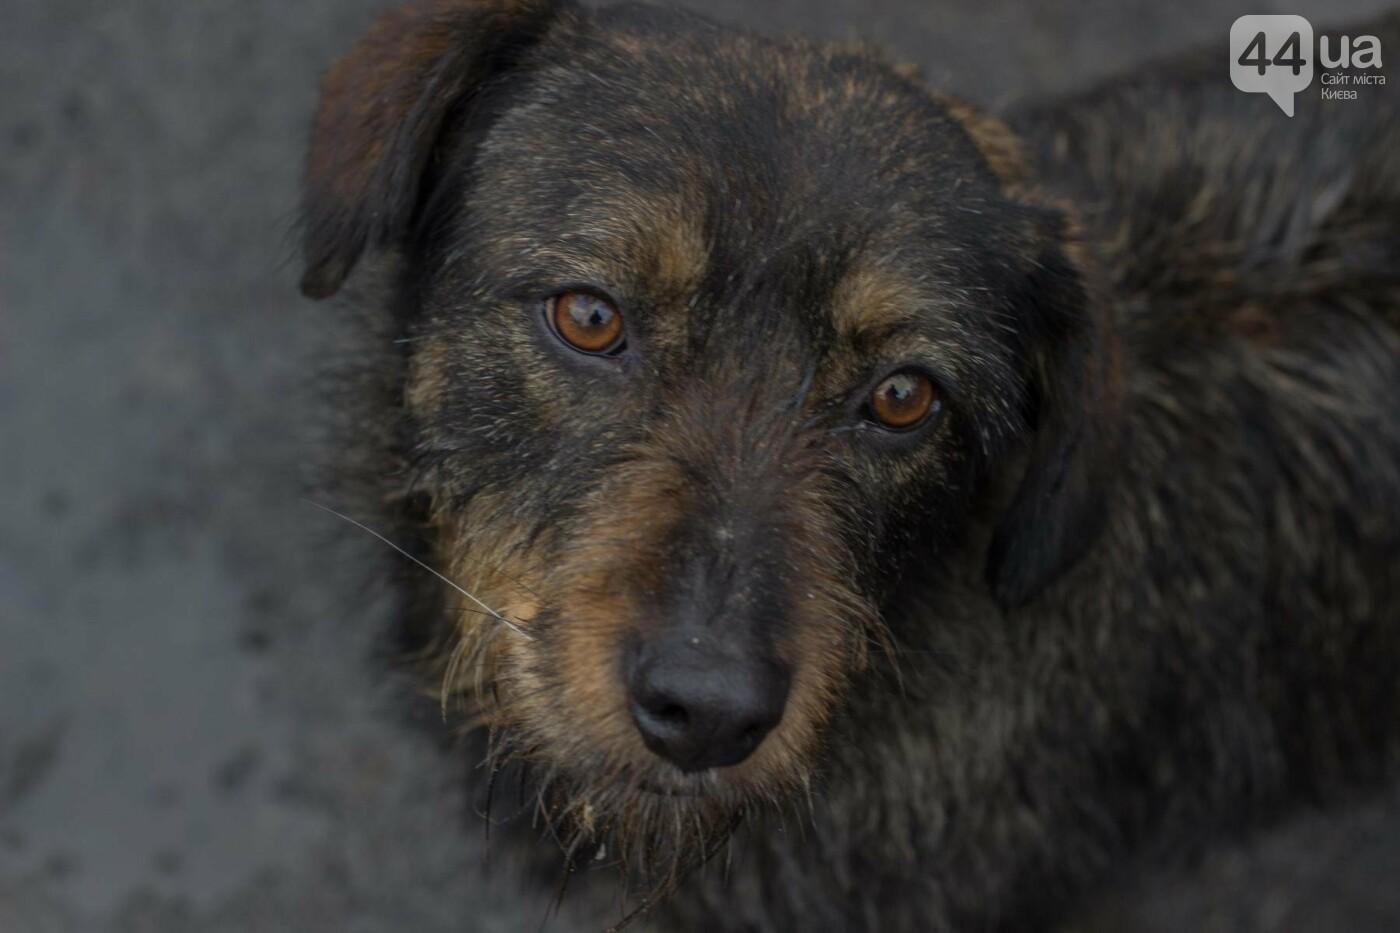 В приюте для животных неизвестные расстреливают и калечат собак, фото-10